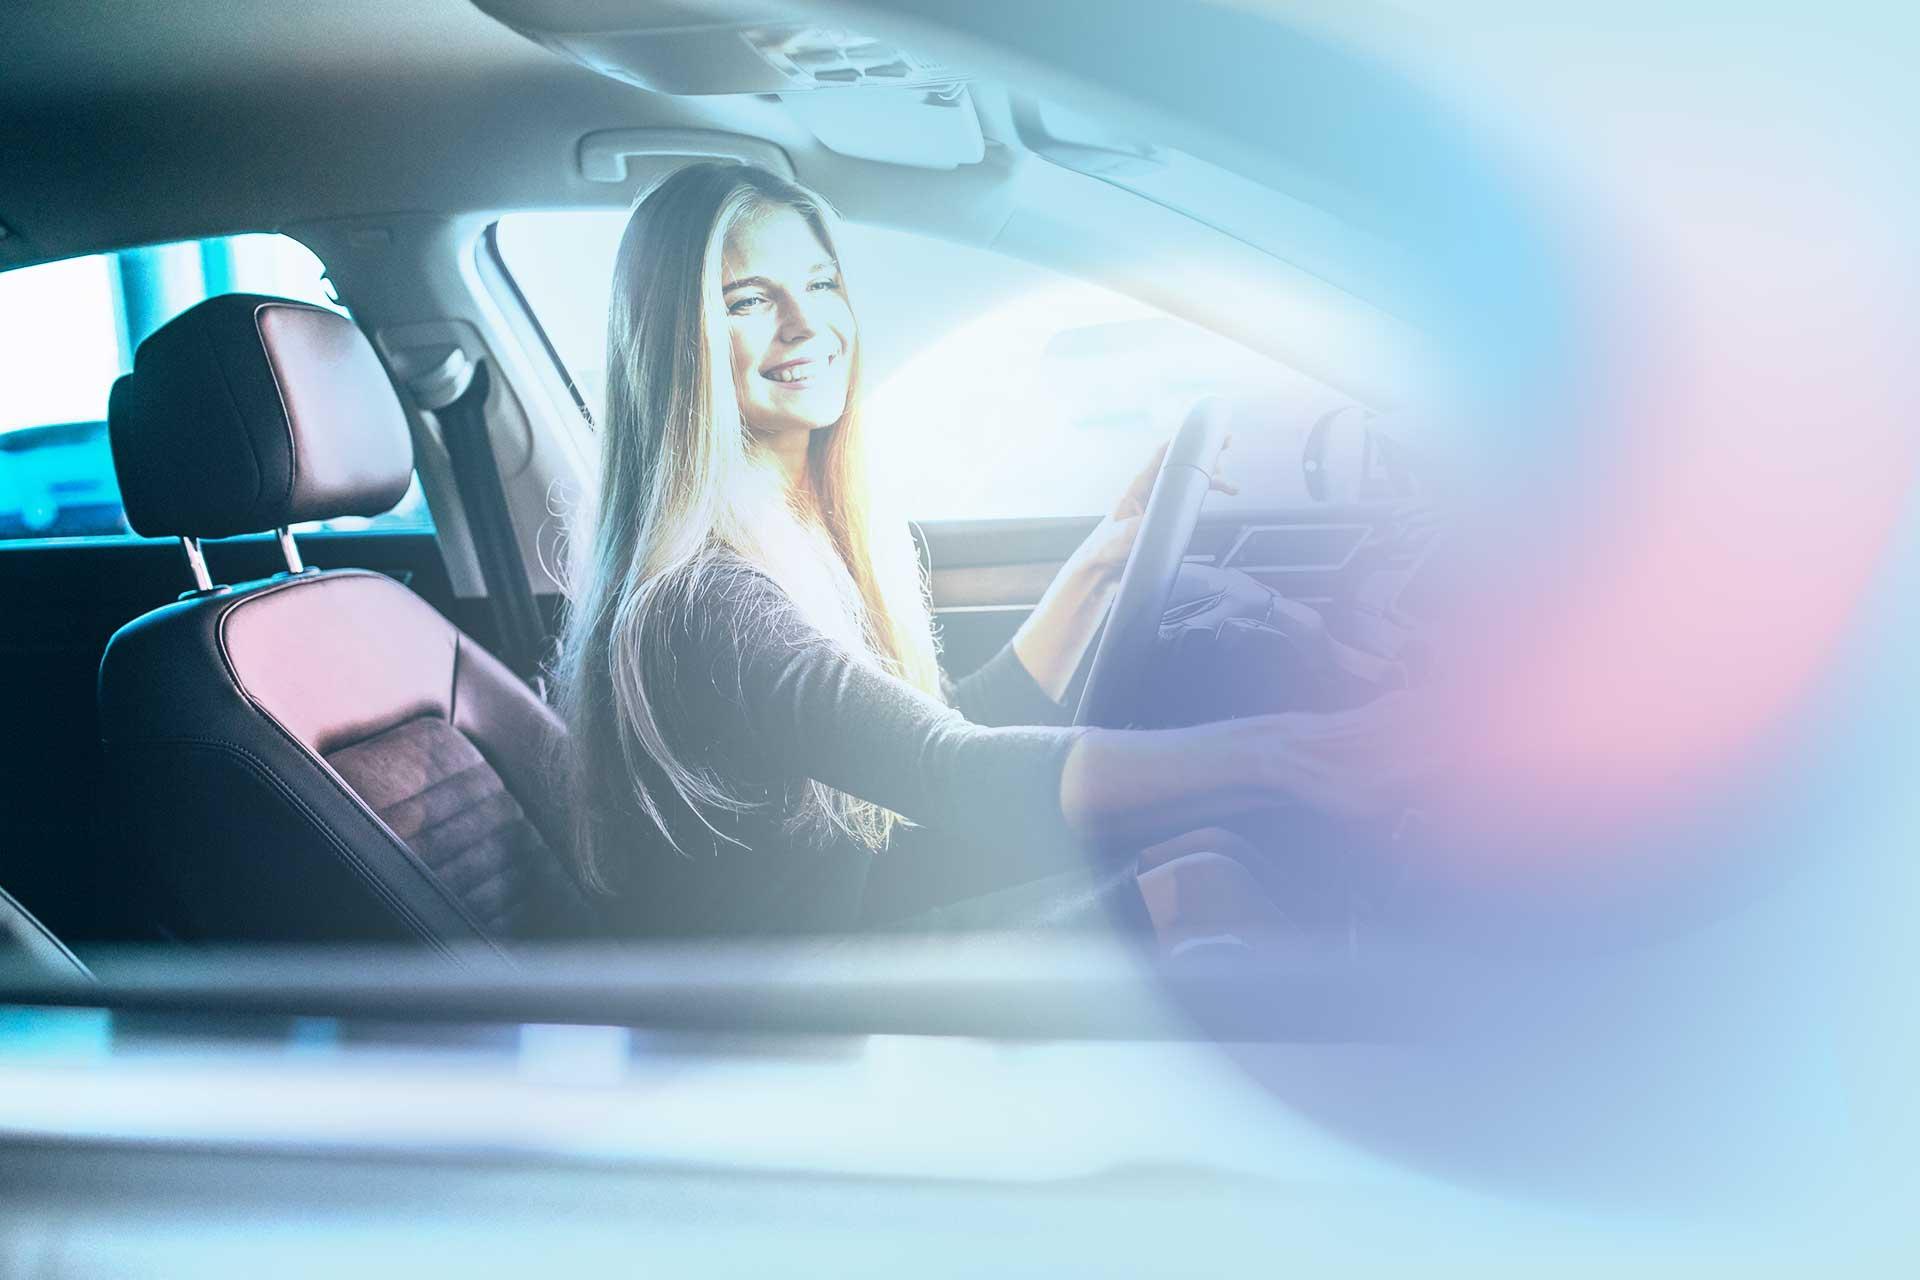 Ragazza con interni auto puliti